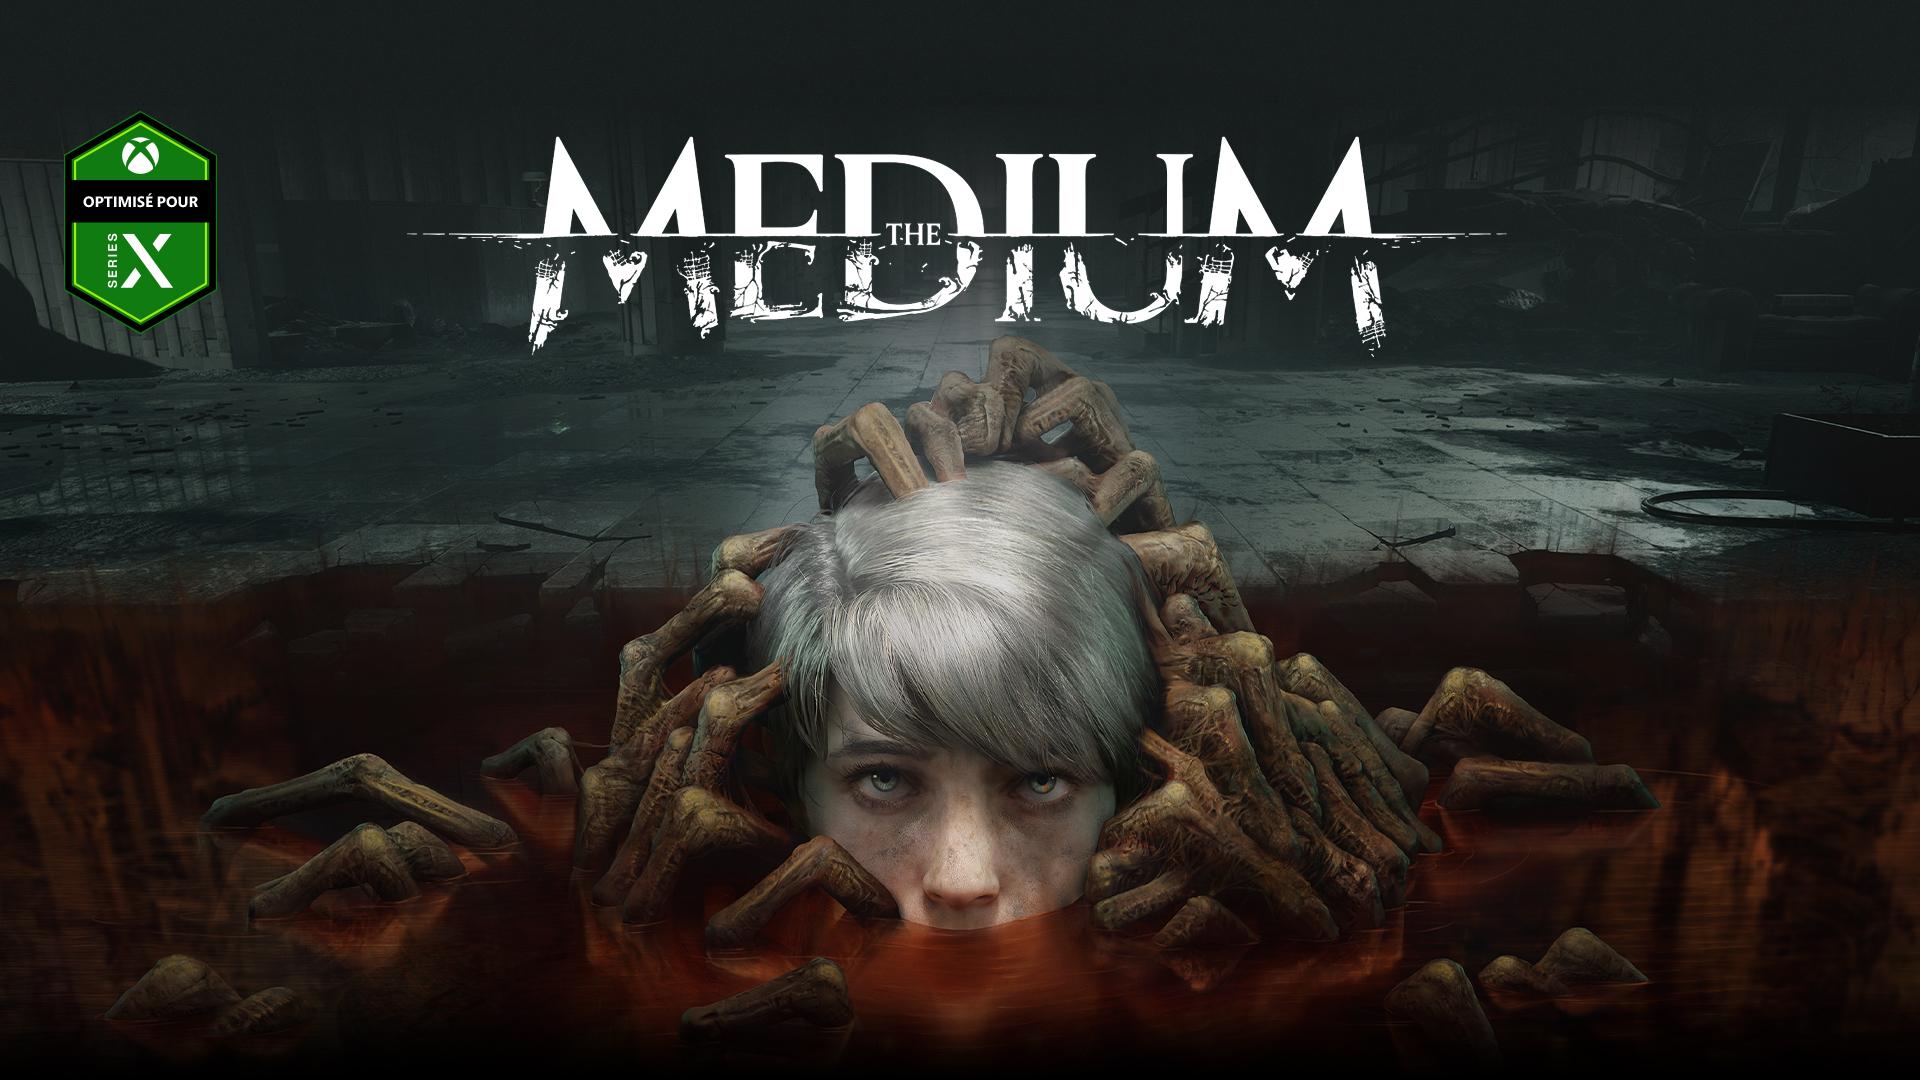 The Medium, optimisé pour XboxSeriesX - La tête d'un enfant s'élève d'une flaque d'où émergent des mains de morts-vivants.